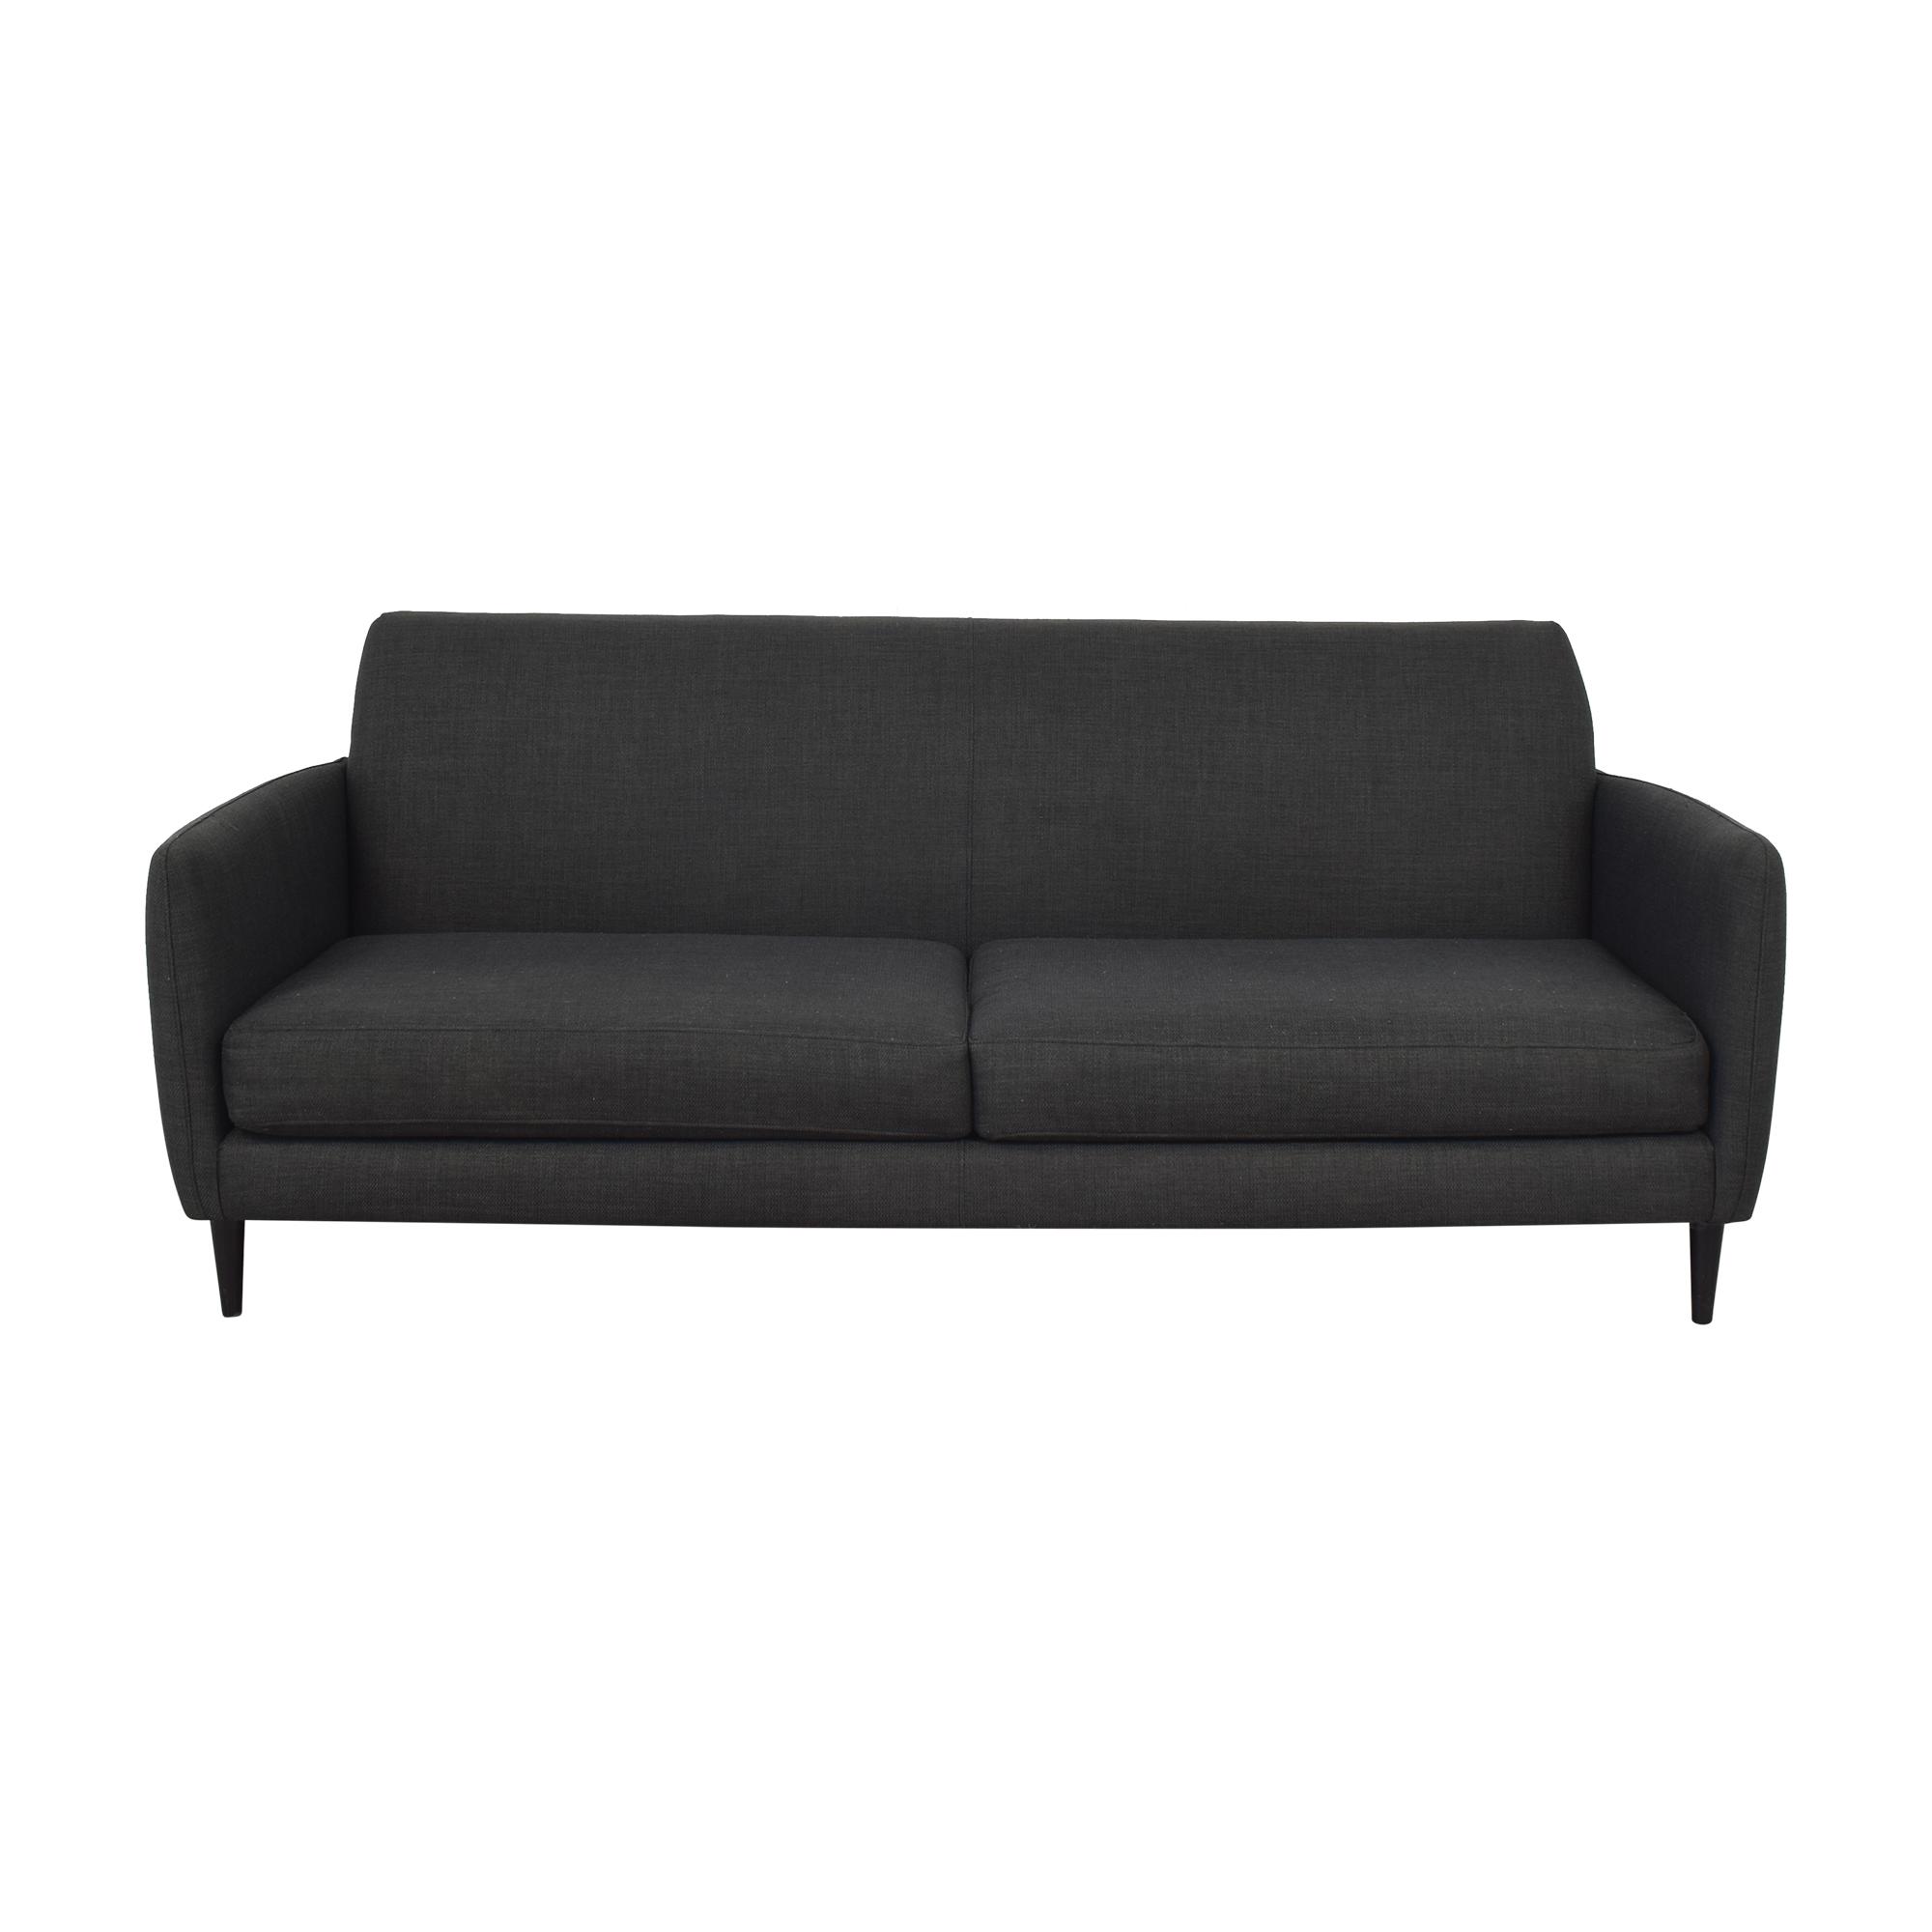 CB2 CB2 Parlour Sofa for sale